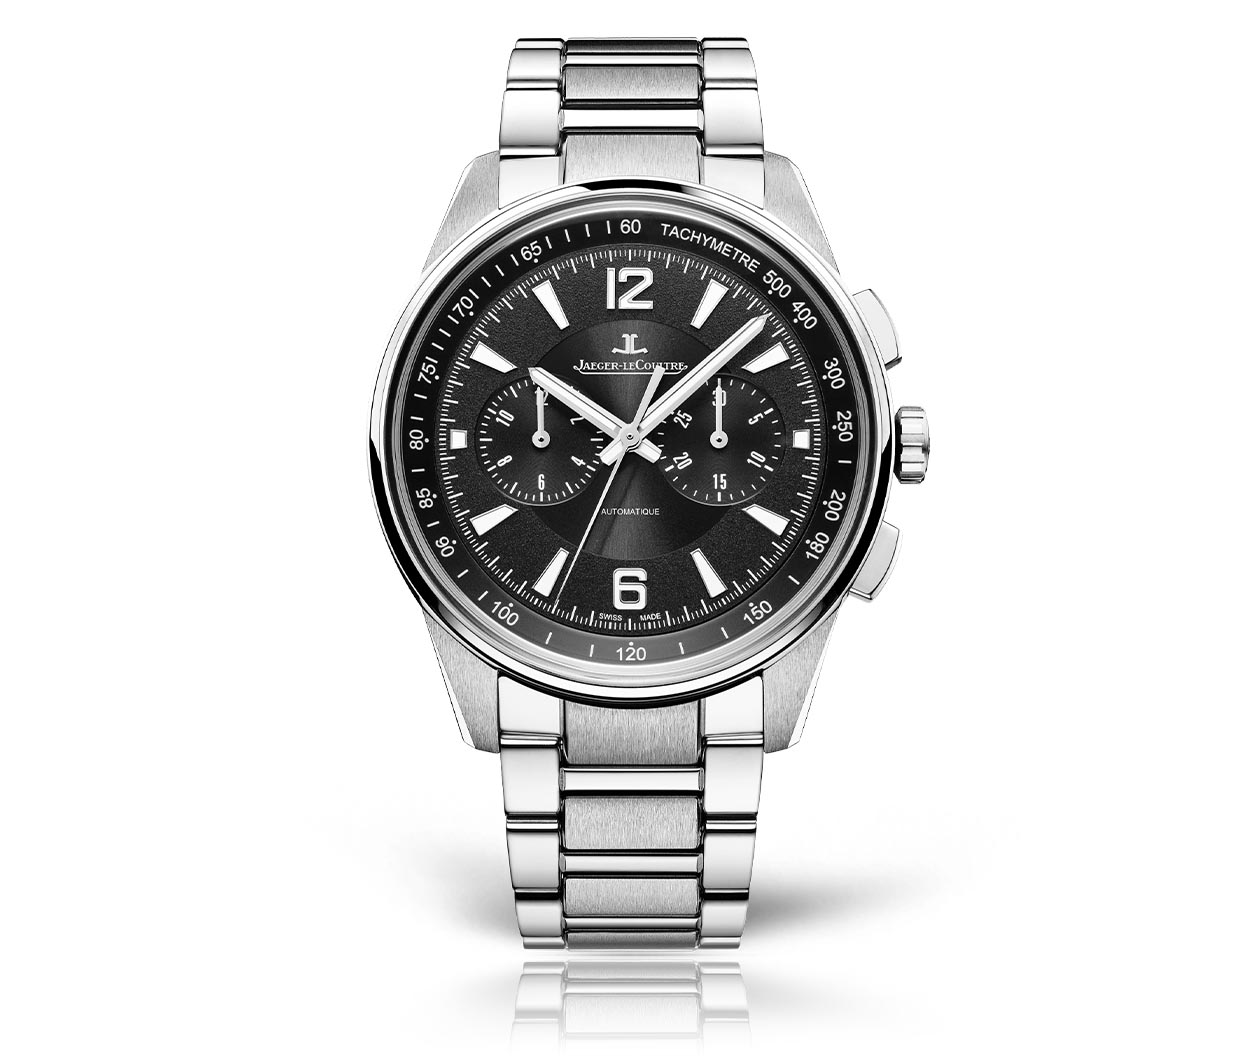 JaegerLeCoultre Polaris Chronograph 9028170 Carousel 1 FINAL